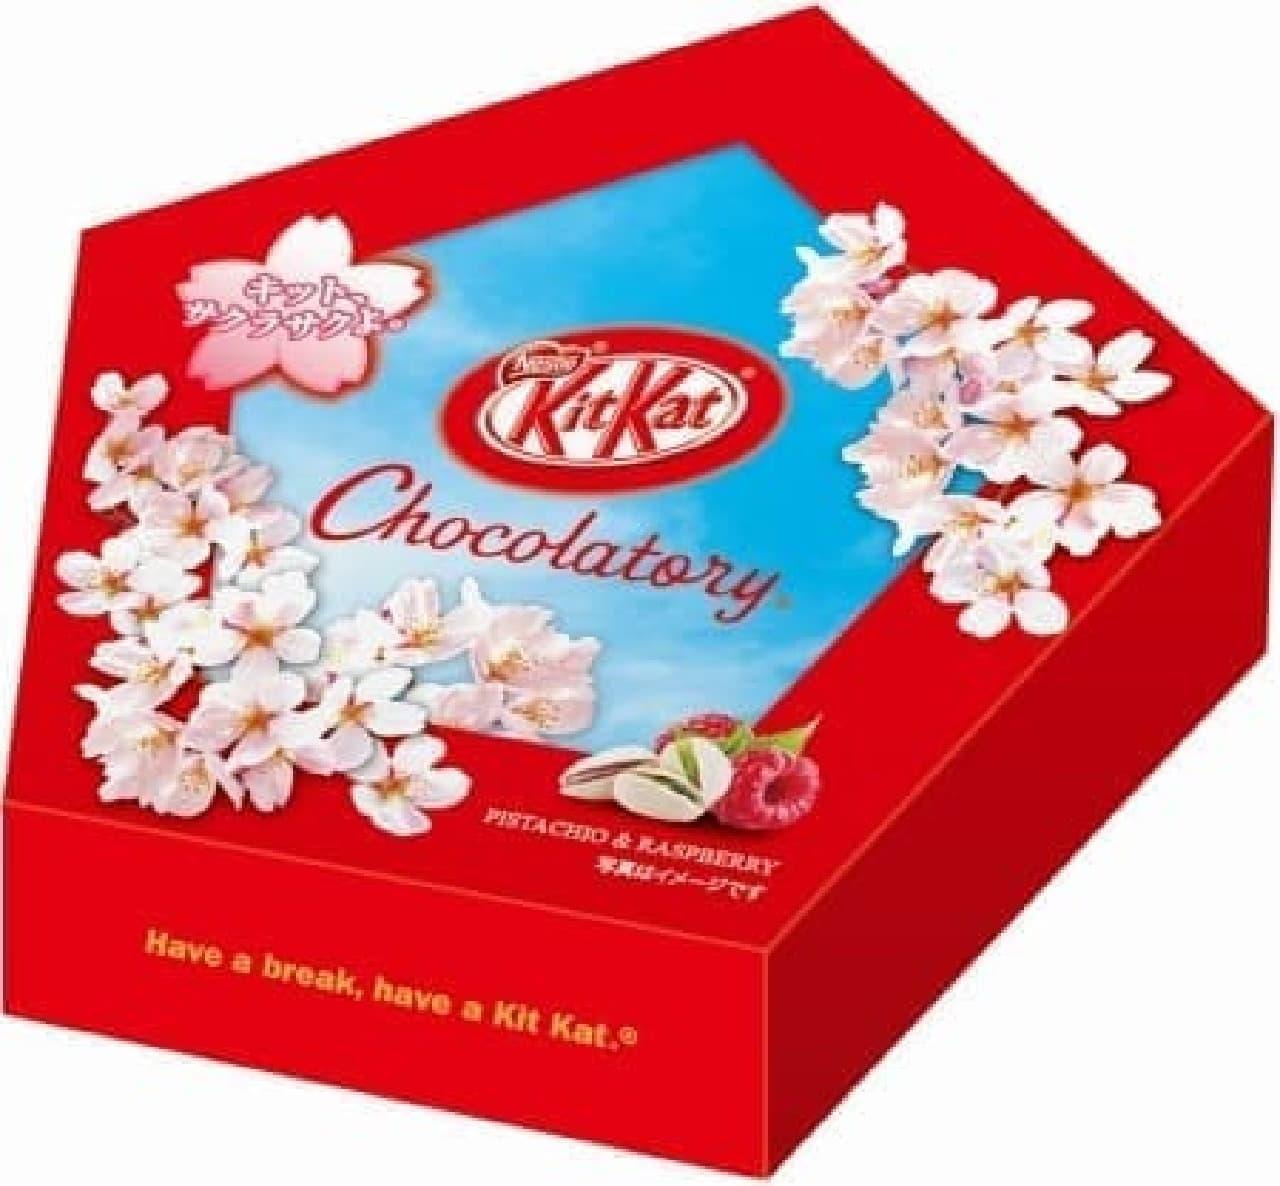 ショコラトリーから初の受験生応援商品!